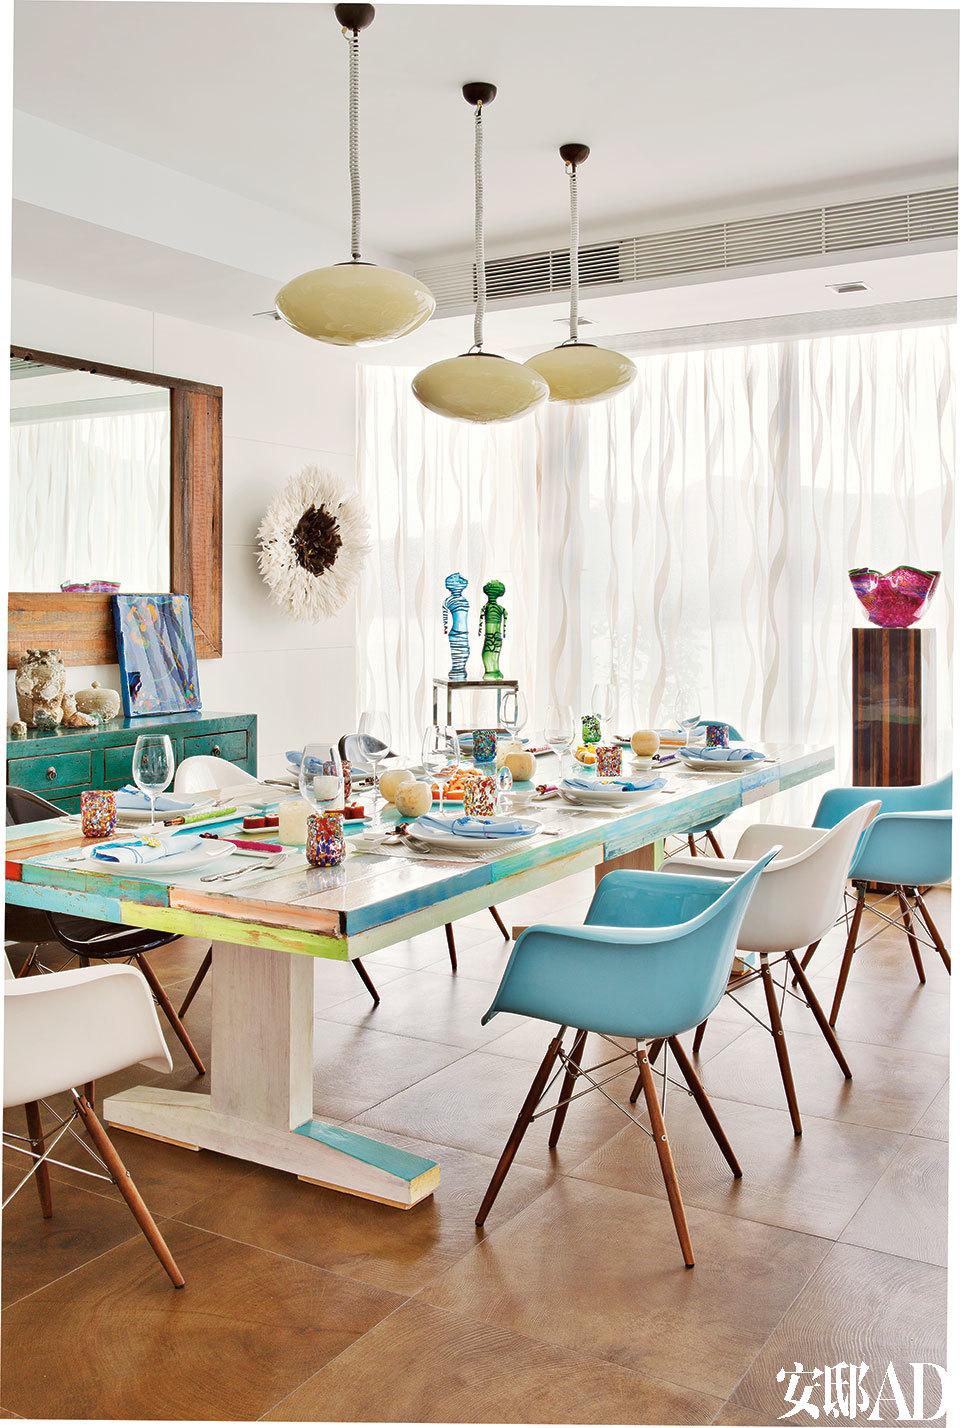 2.7米长的餐桌取材于旧船板木料,在香港本地定做成形后,Tracy用树脂和油漆为它涂上了自己喜欢的各种颜色。桌上摆着一对蓝色和绿色的 Murano玻璃舞者雕像,由James Coignard创作原画并于20世纪60年代由Murano玻璃艺术家转化为雕塑。窗前的木制基座上摆着一件深粉色的玻璃艺术品,由来自堪萨斯州 Wichita市的玻璃艺术家Rollin Karg创作。